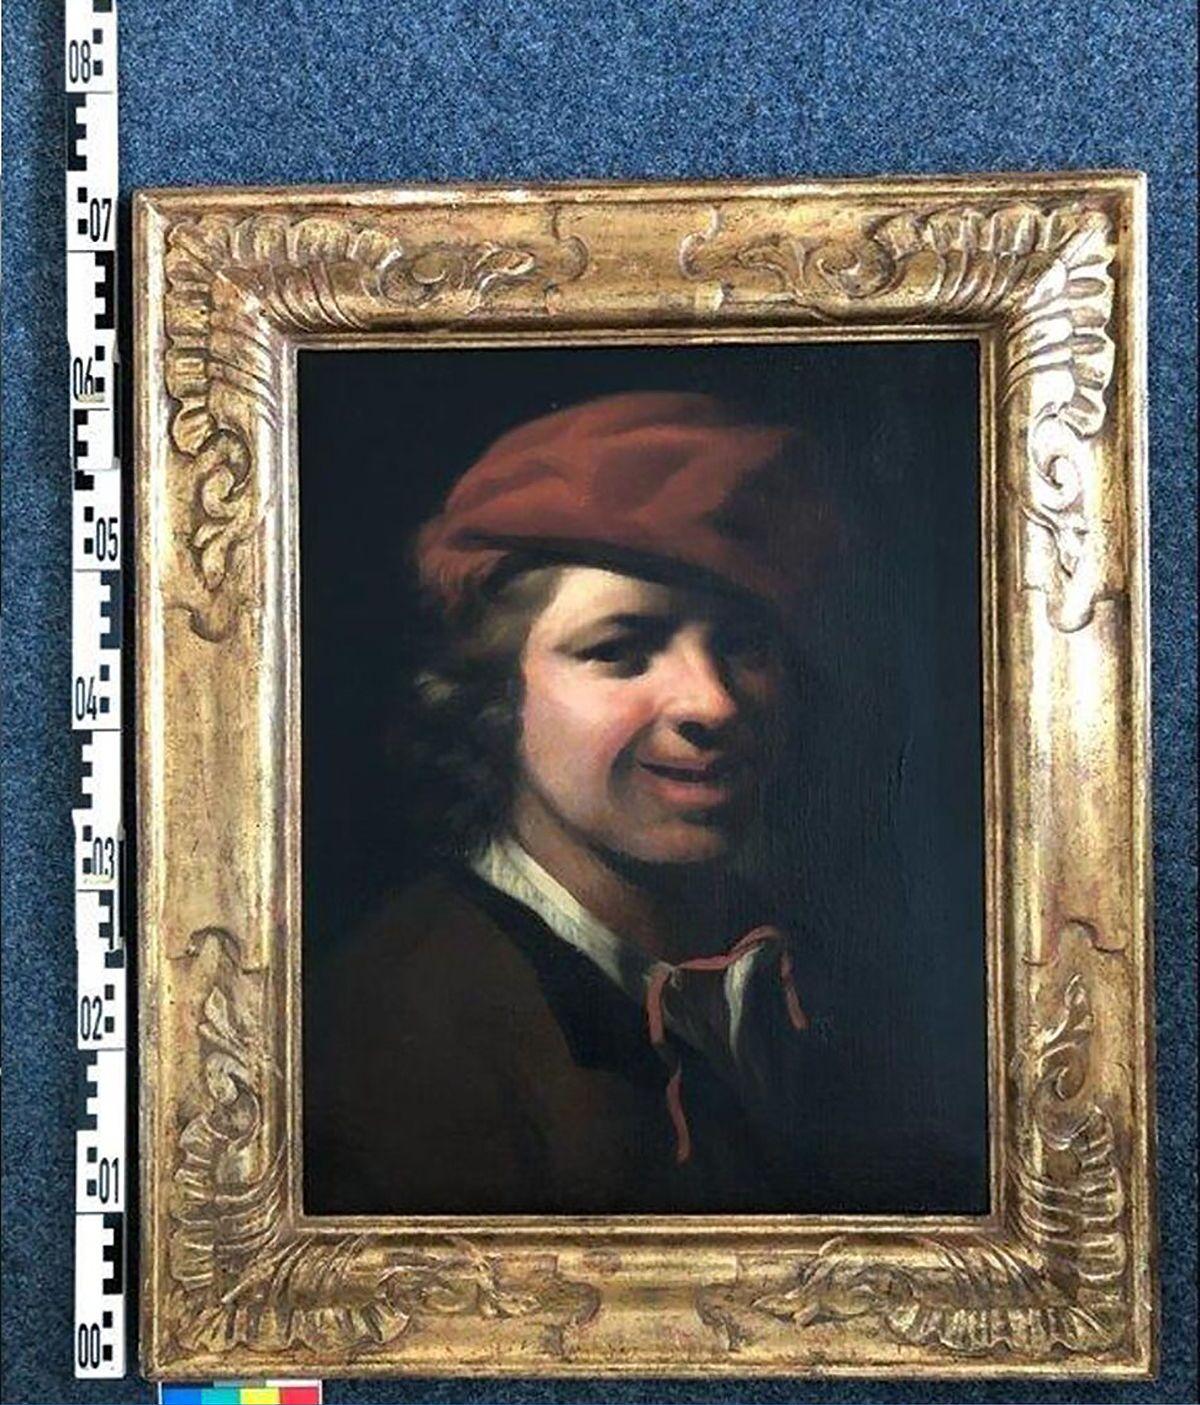 Quadro Retrato de menino de Samuel van Hoogstraten encontrado em lixeira na Alemanha